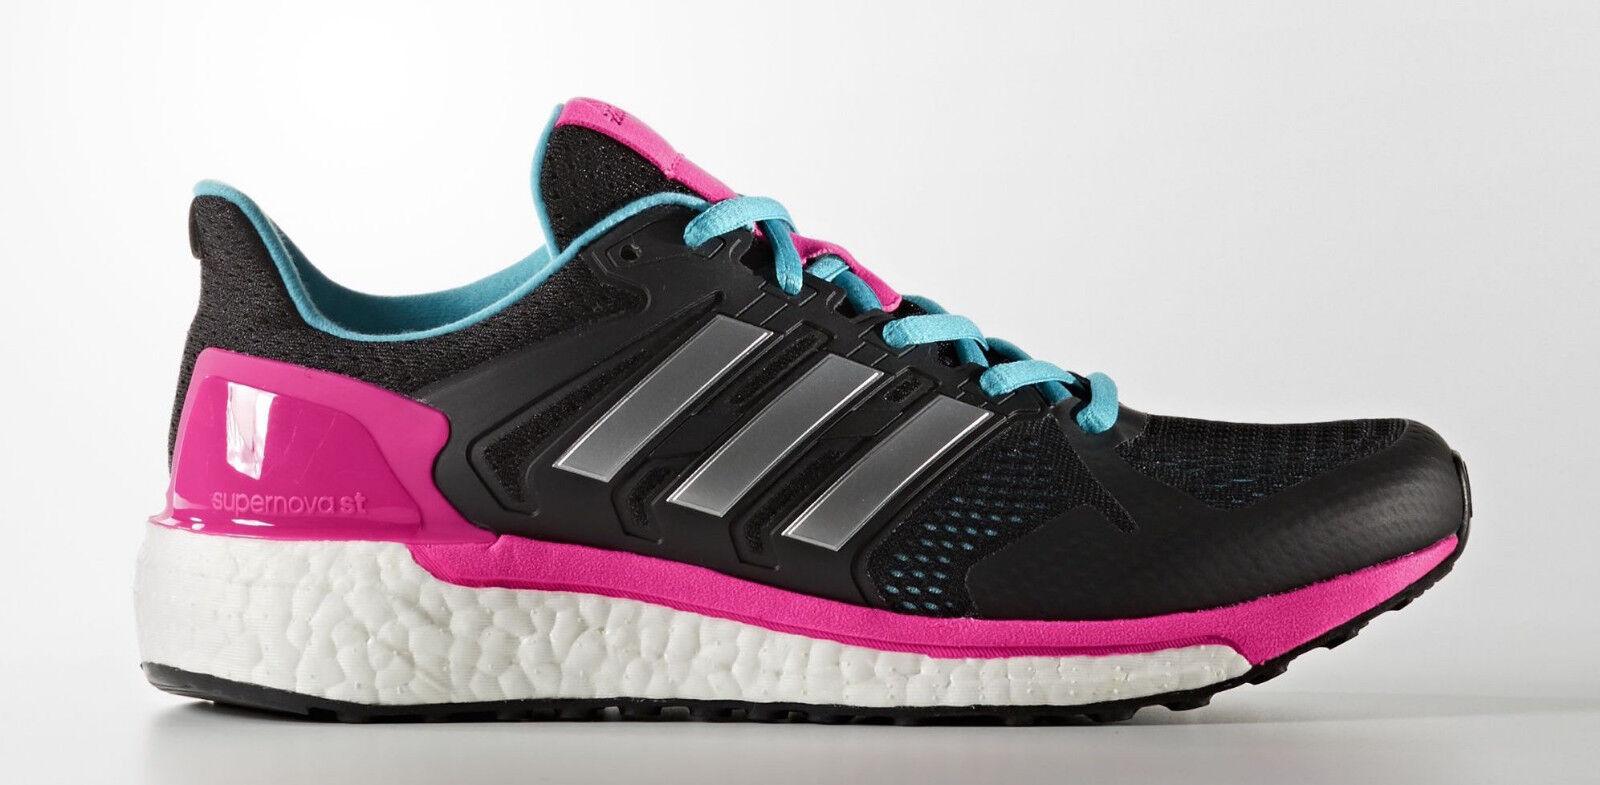 Adidas súpernova Boost estructurado para mujeres Damas Correr St Gimnasio Zapatillas Zapatos